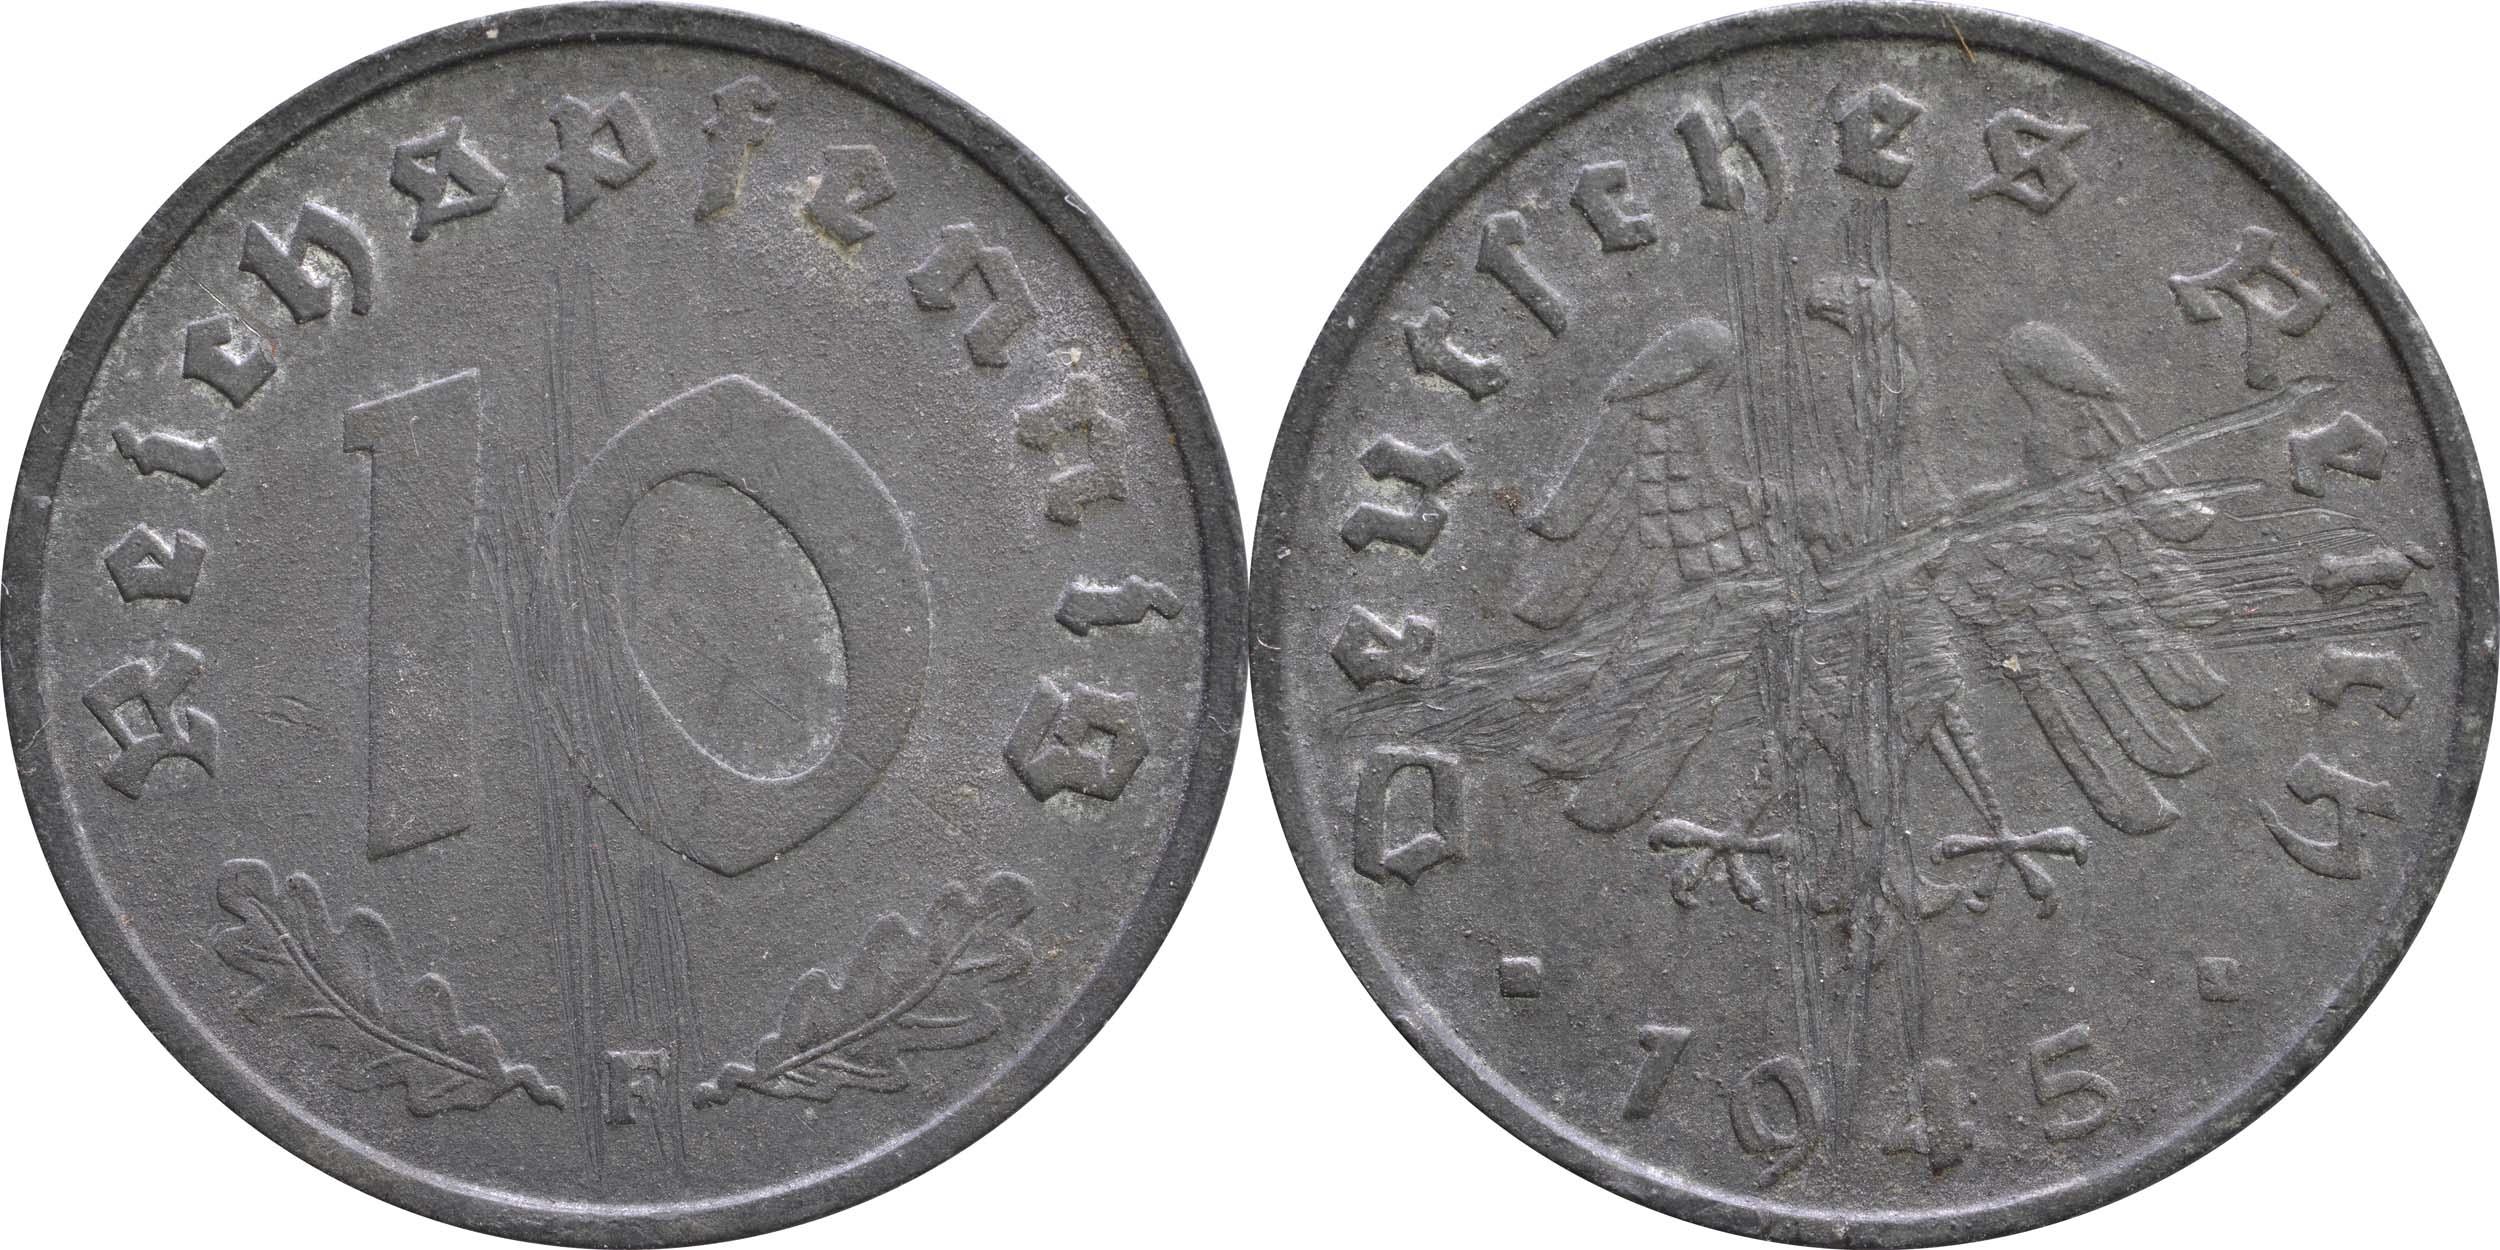 Deutschland : 10 Reichspfennig Alliierte Besetzung  1945 ss.